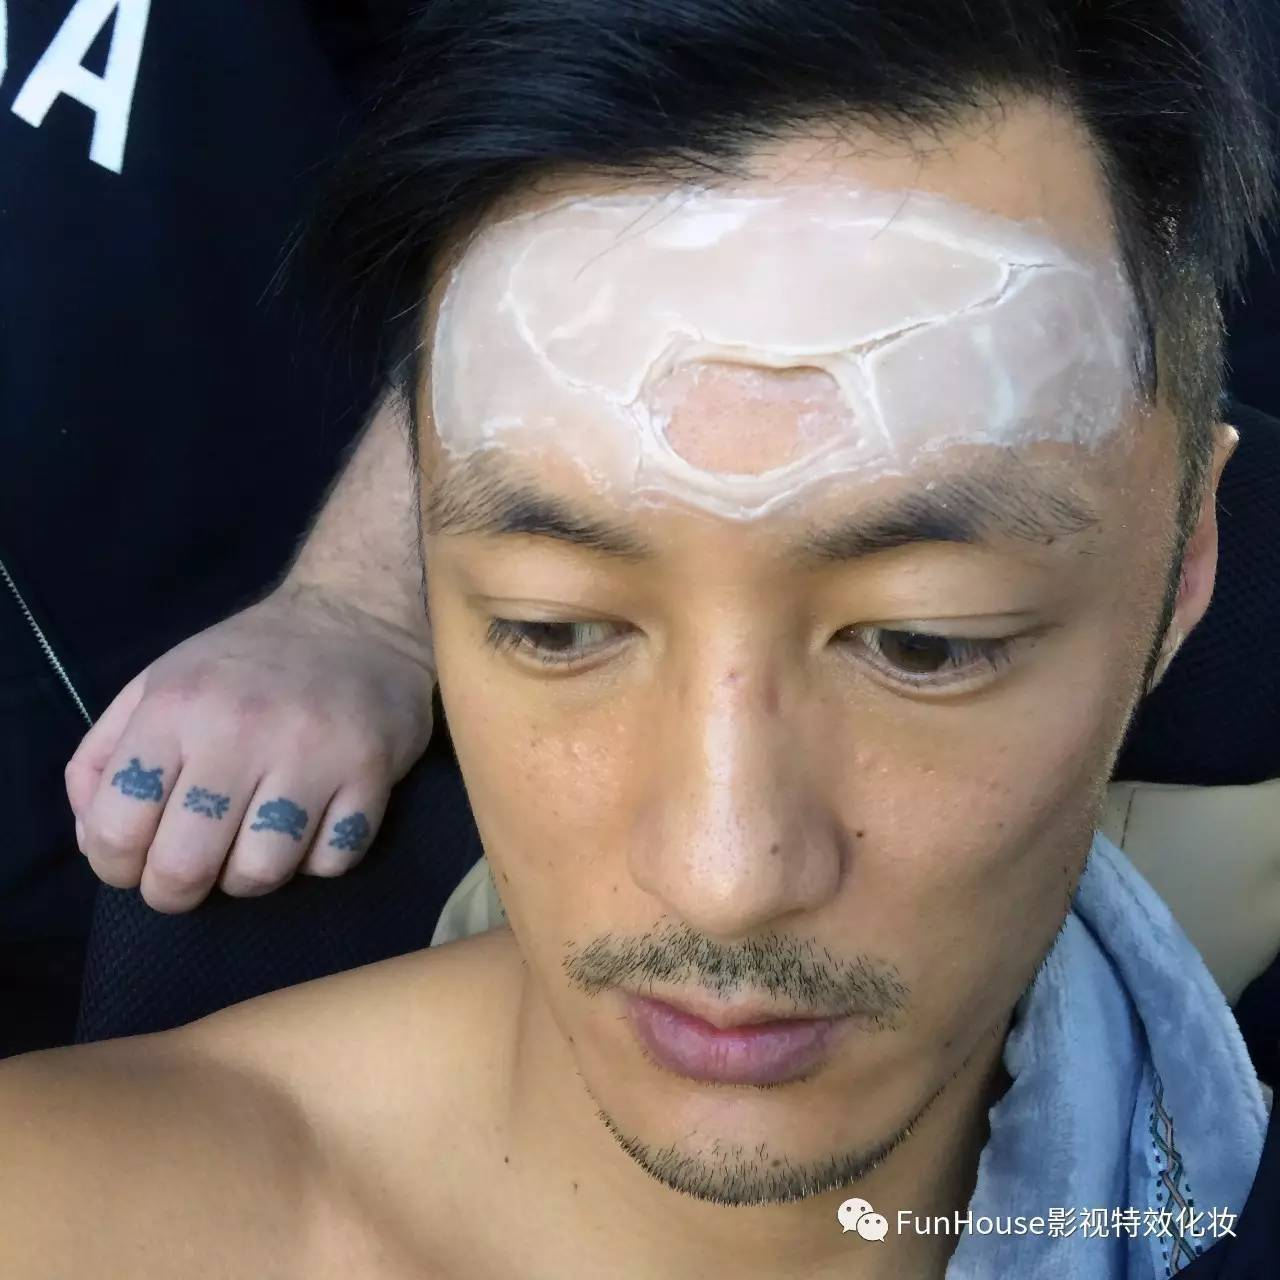 我们的二郎神有两套天眼特效妆(区别是额头上的天眼部位),首先是造型图片